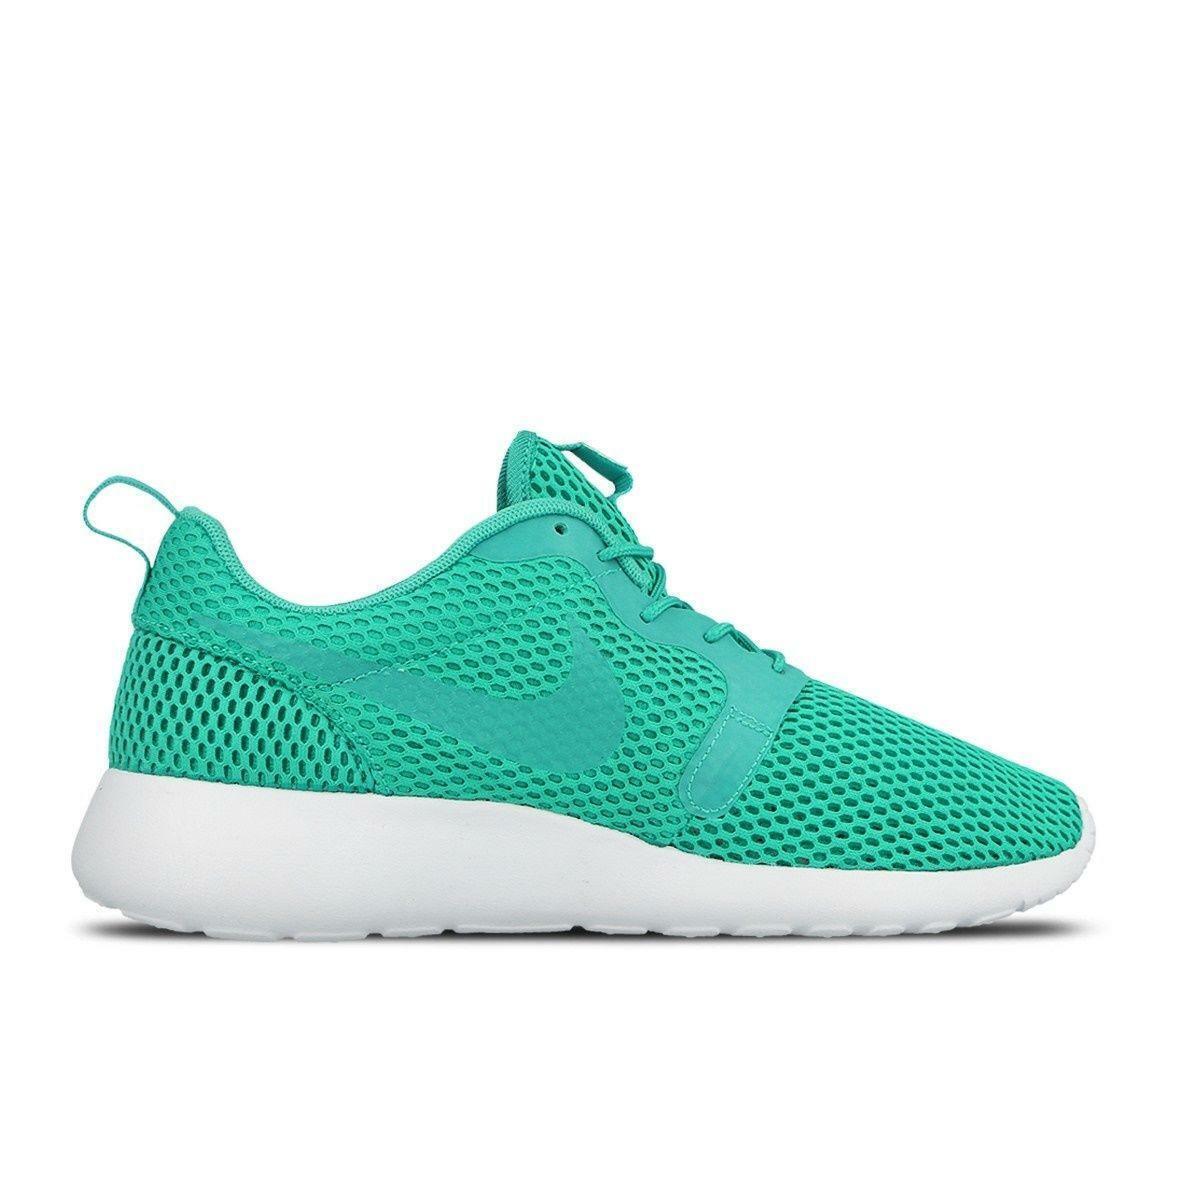 Herren Nike Roshe One Hyp Br Durchsichtig Jade Netz Turnschuhe 833125300